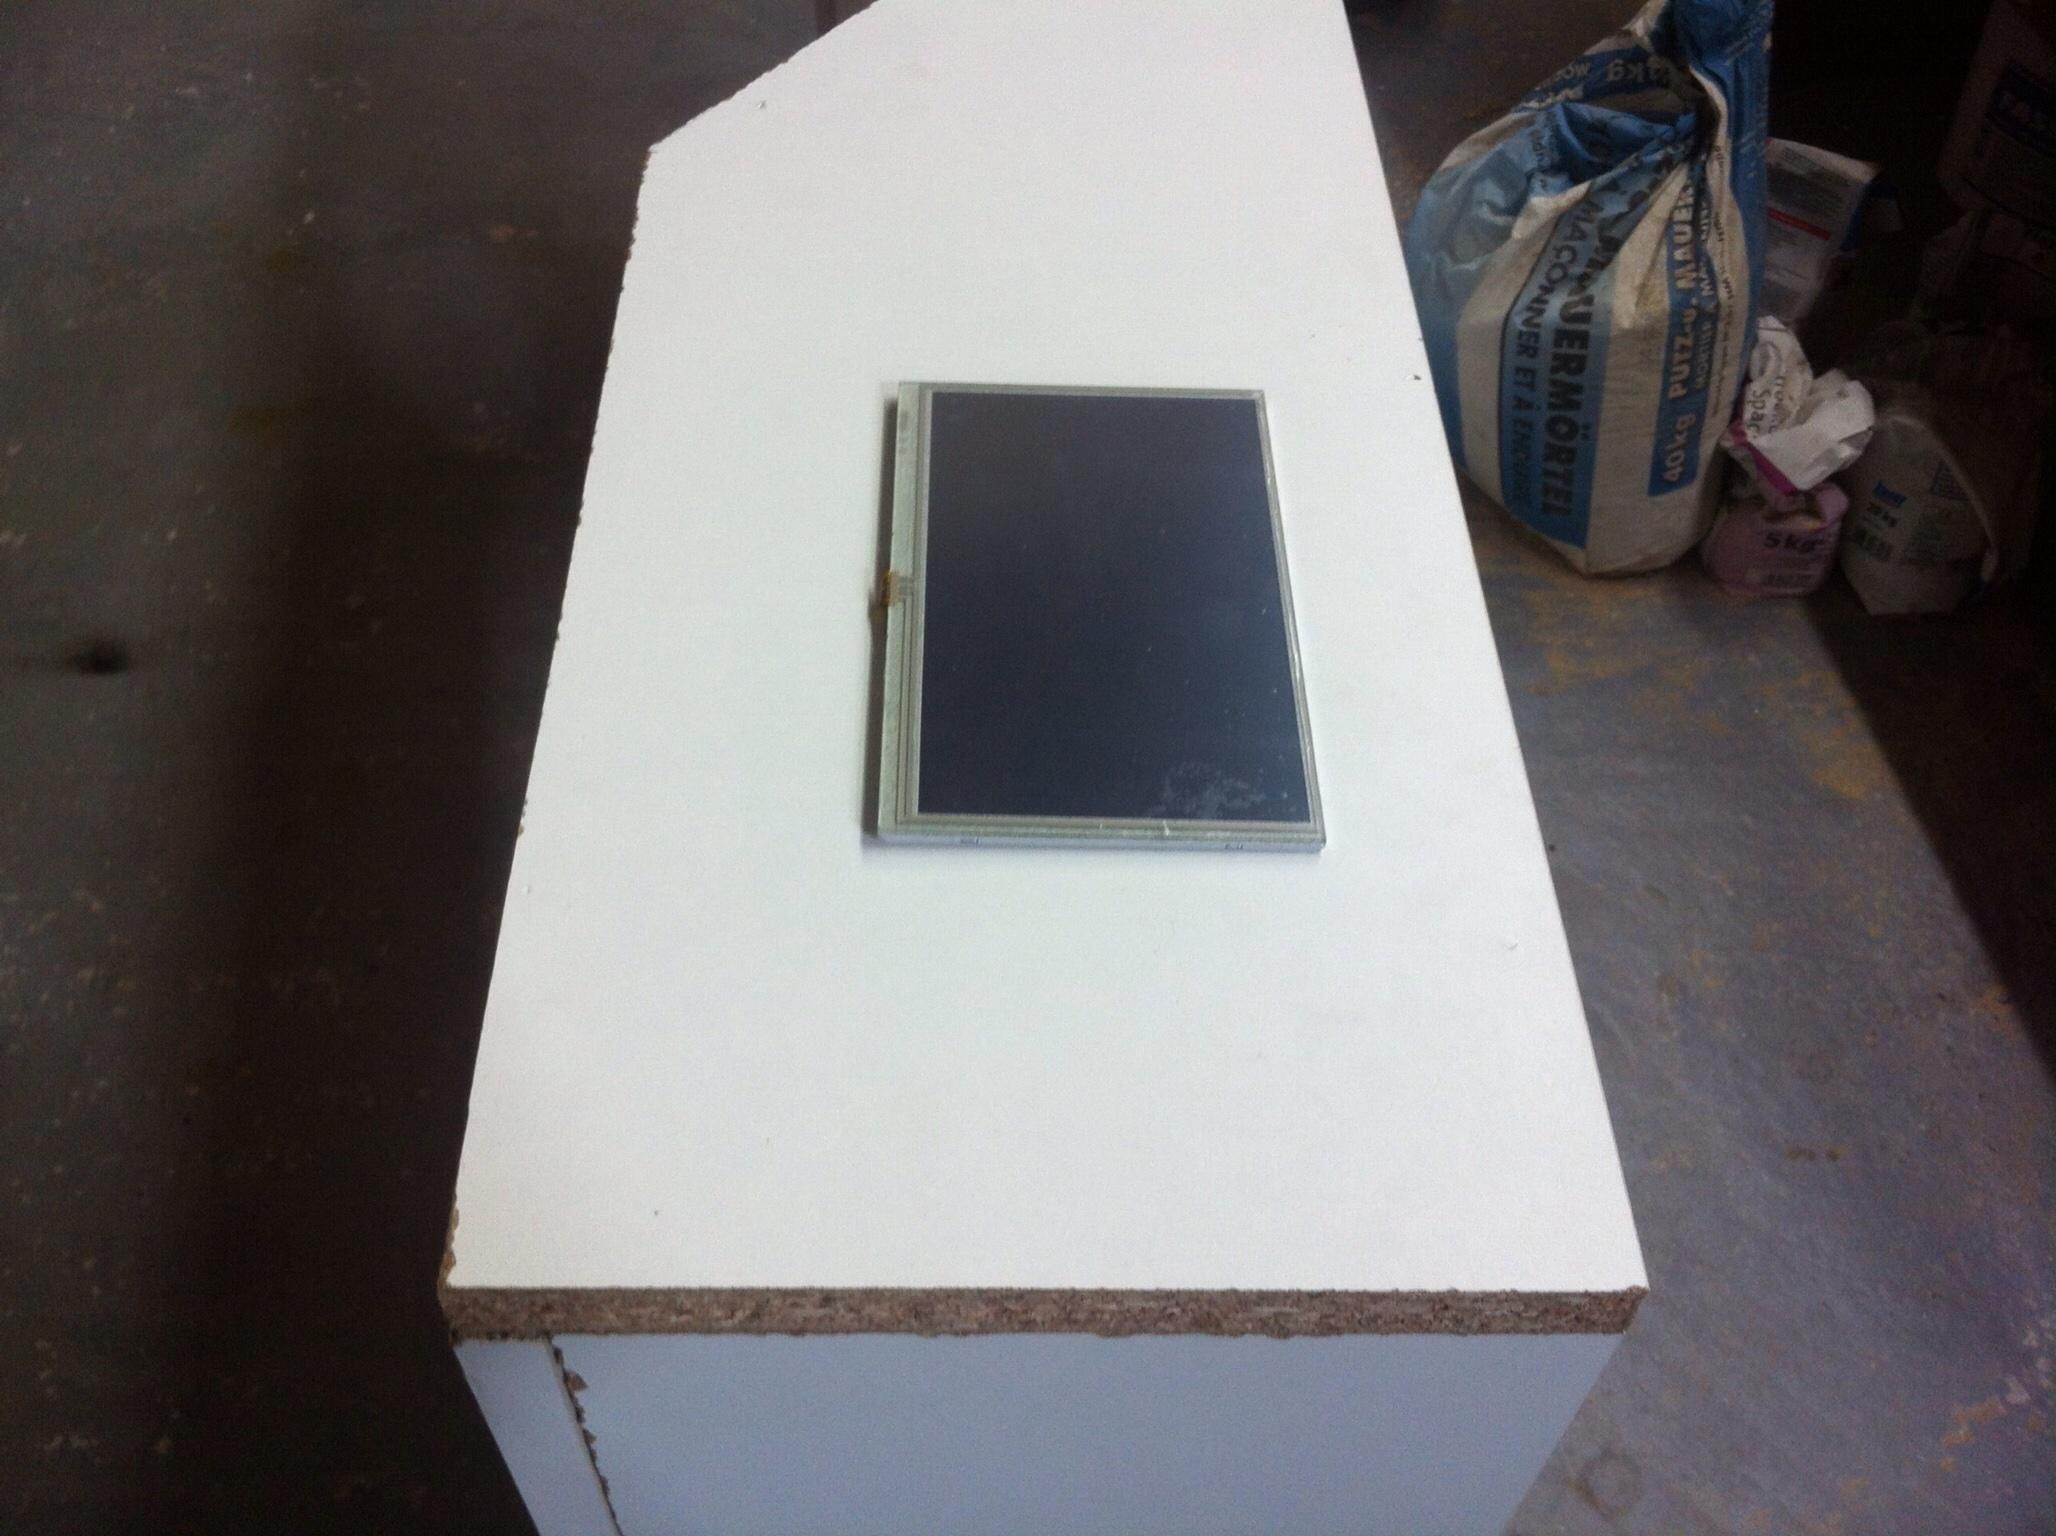 mobile.1354dkv0.jpg